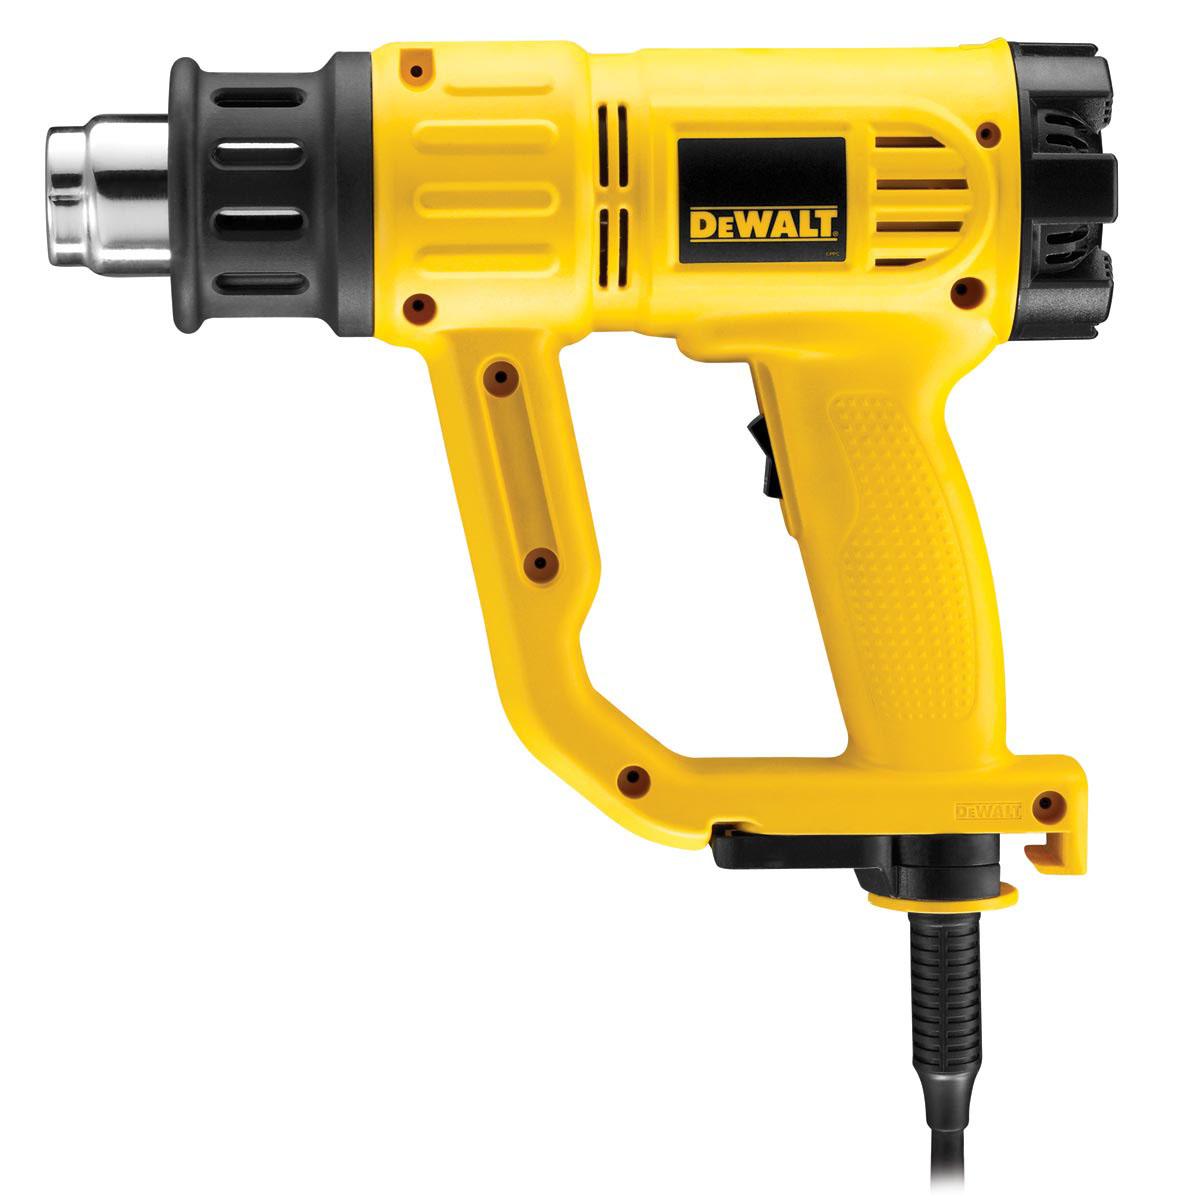 DeWALT D26411-QS - Heatgun; 1800W 220V